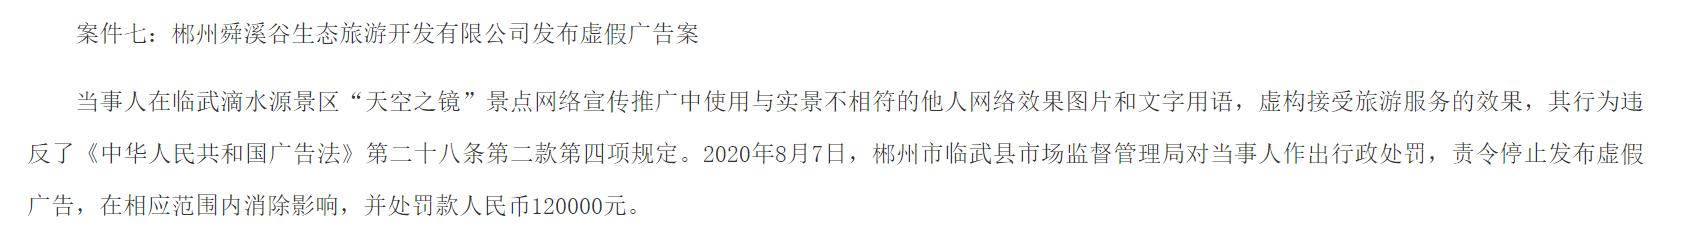 图片来源:湖南省市场监管局官网截图